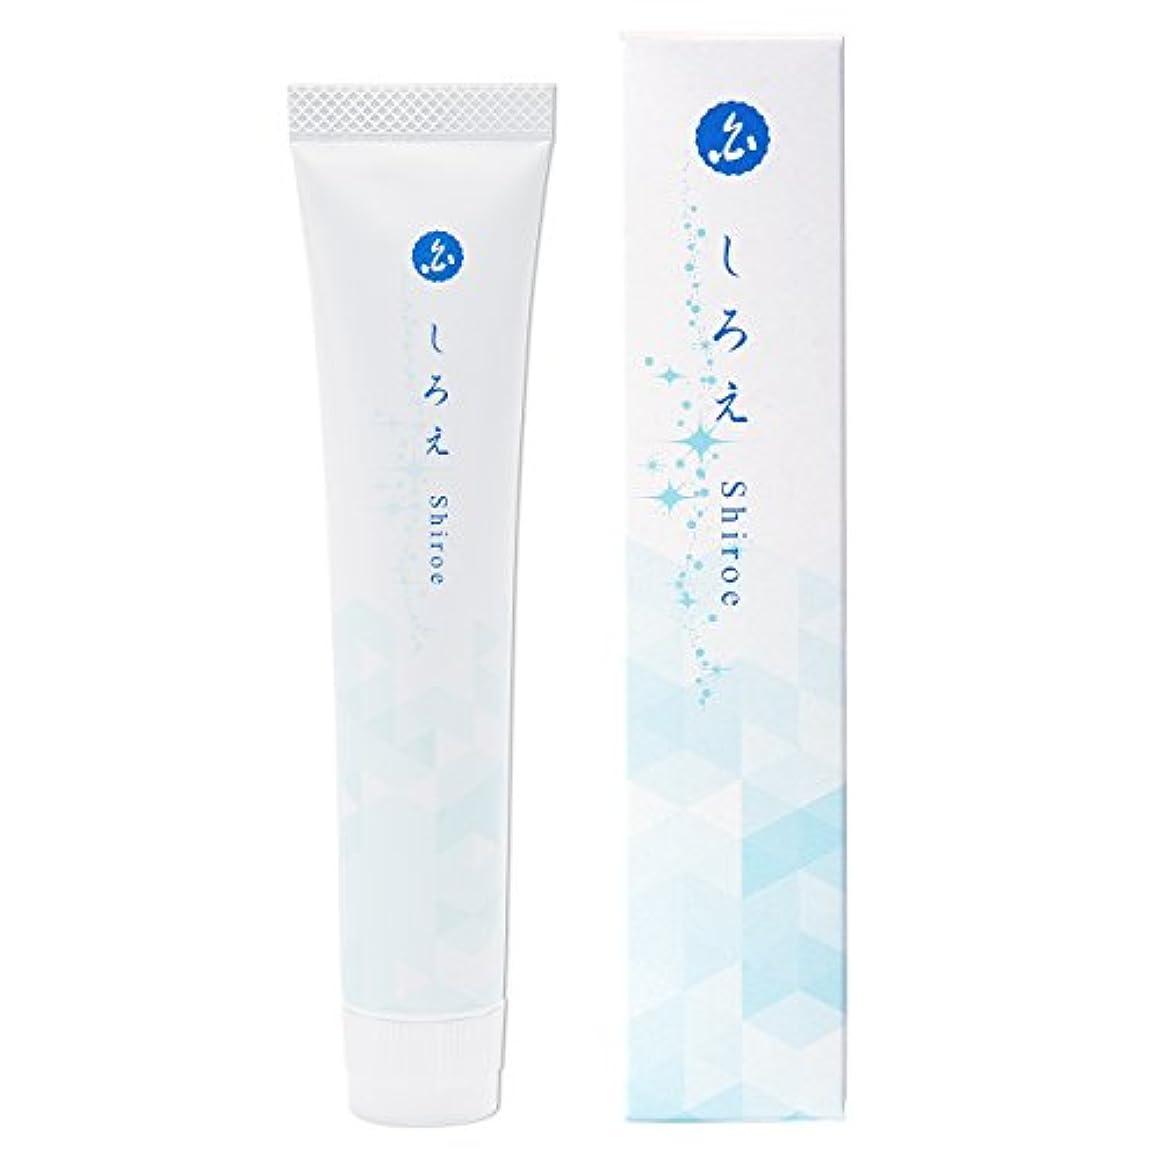 逆さまに磁石タンパク質しろえ 歯磨きジェル 薬用 ホワイトニング歯磨き粉 医薬部外品 はみがき粉 50g 日本製